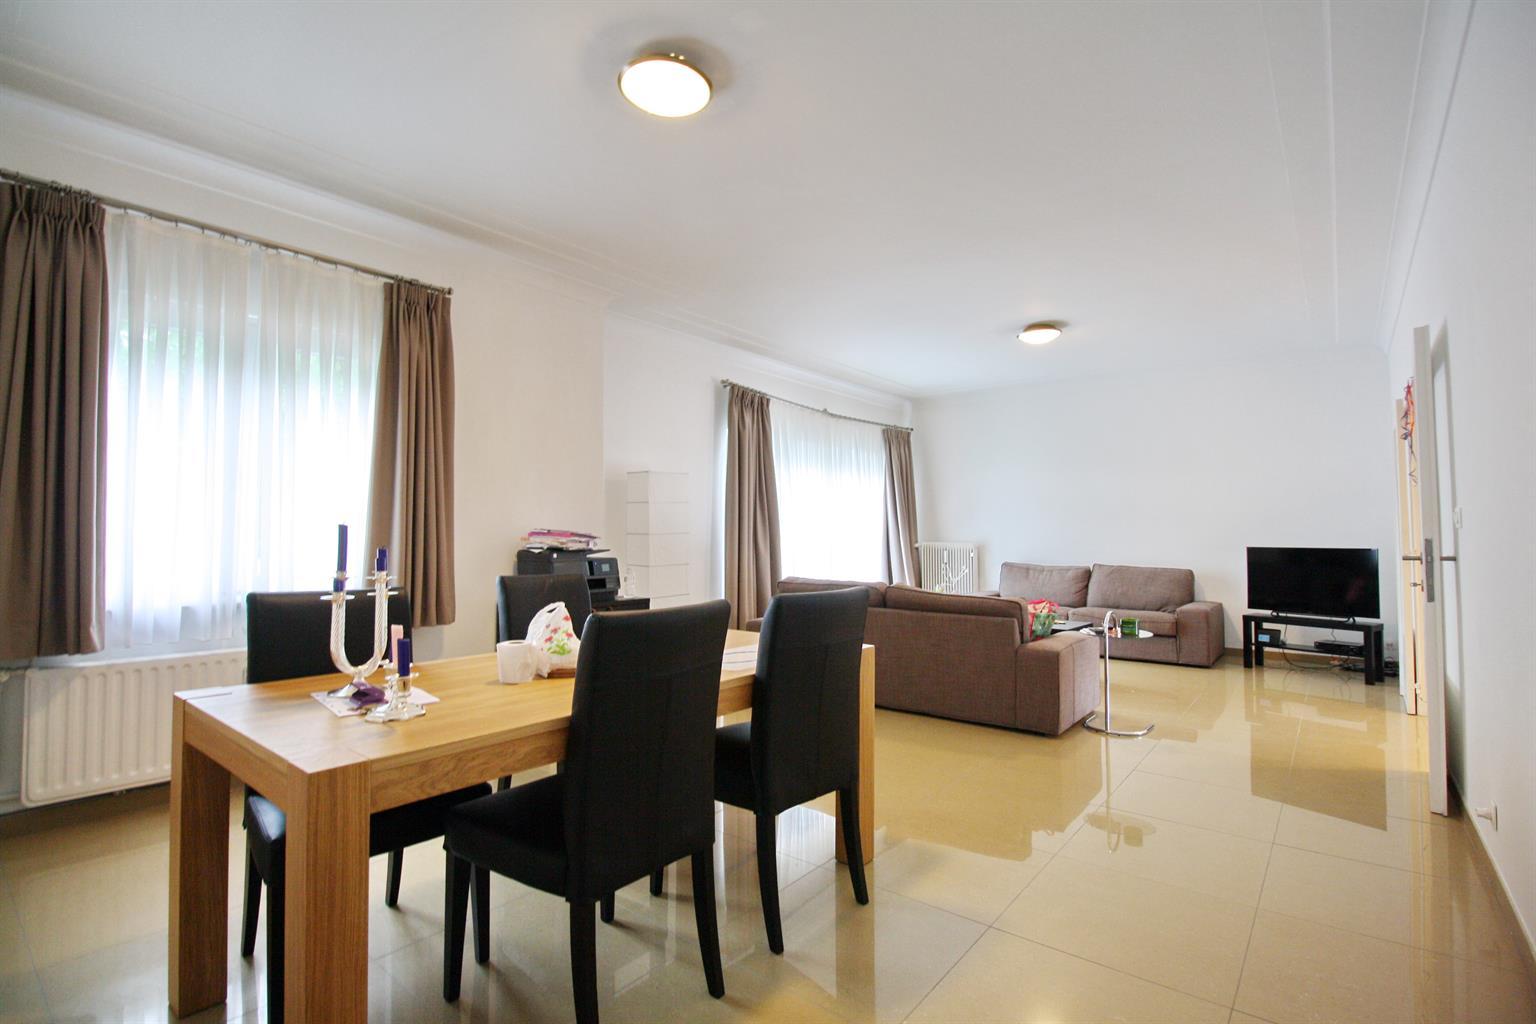 Appartement - Ixelles - #4317587-11